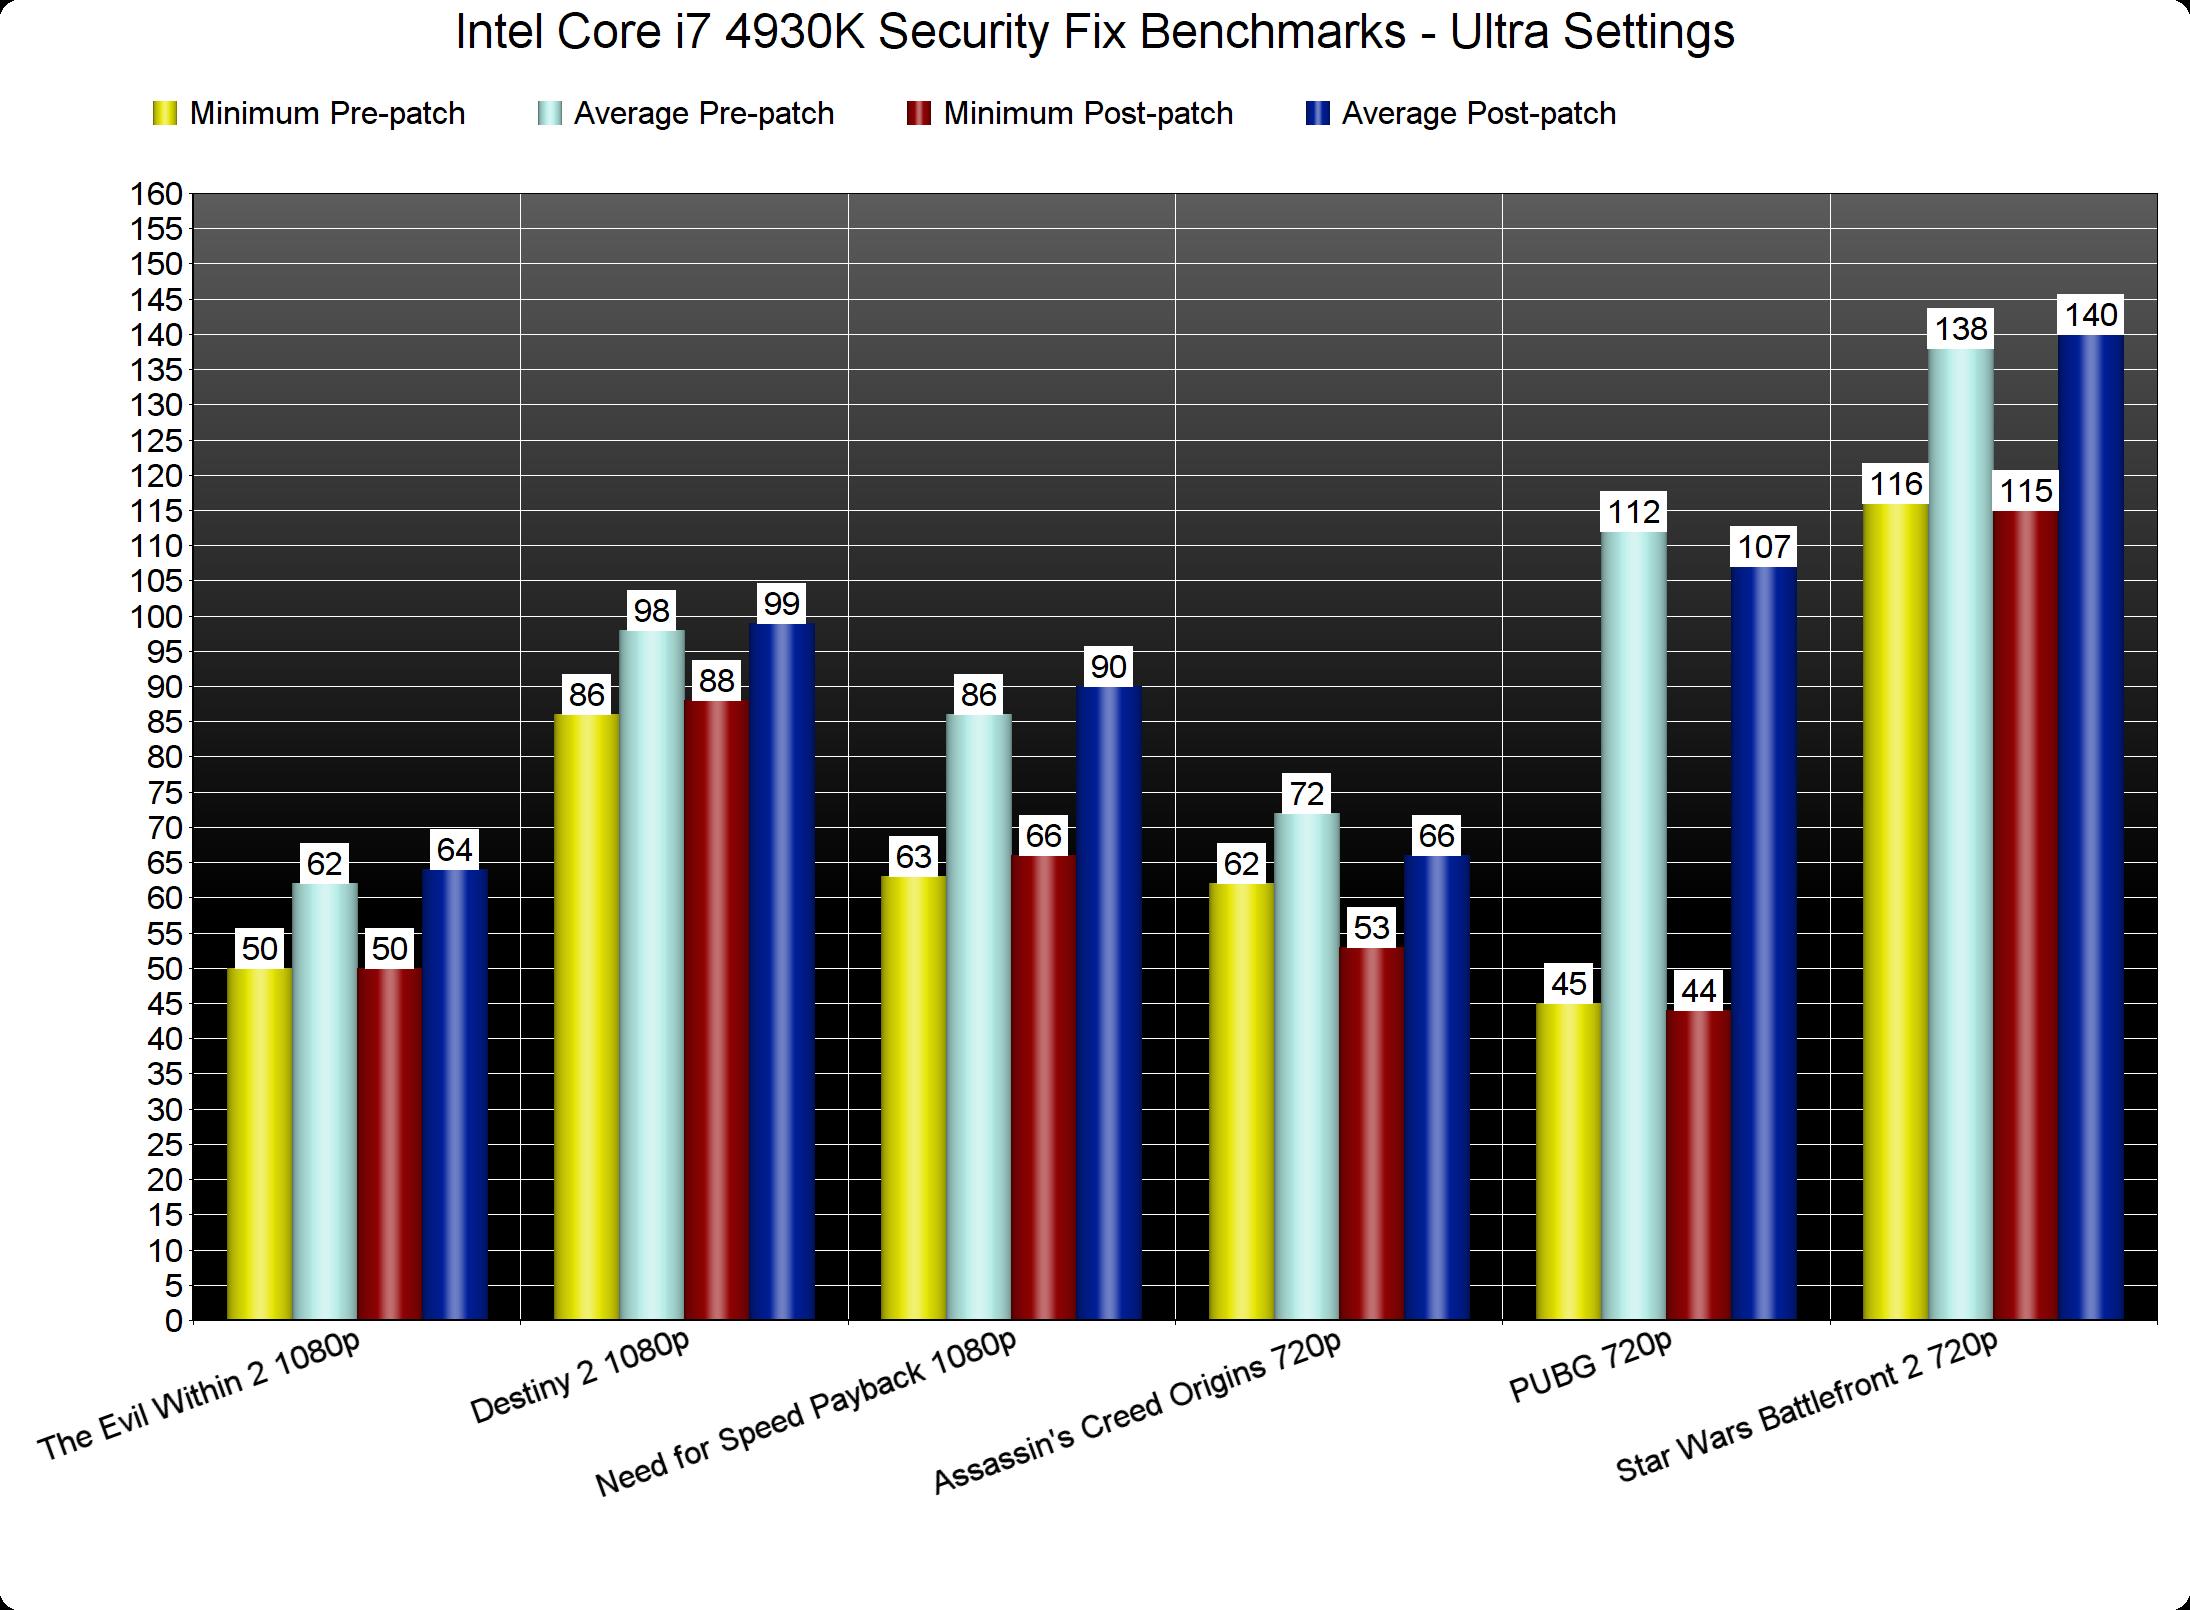 Rendimiento en juegos tras el parche de seguridad de Windows 10 contra Spectre y Meltdown 32